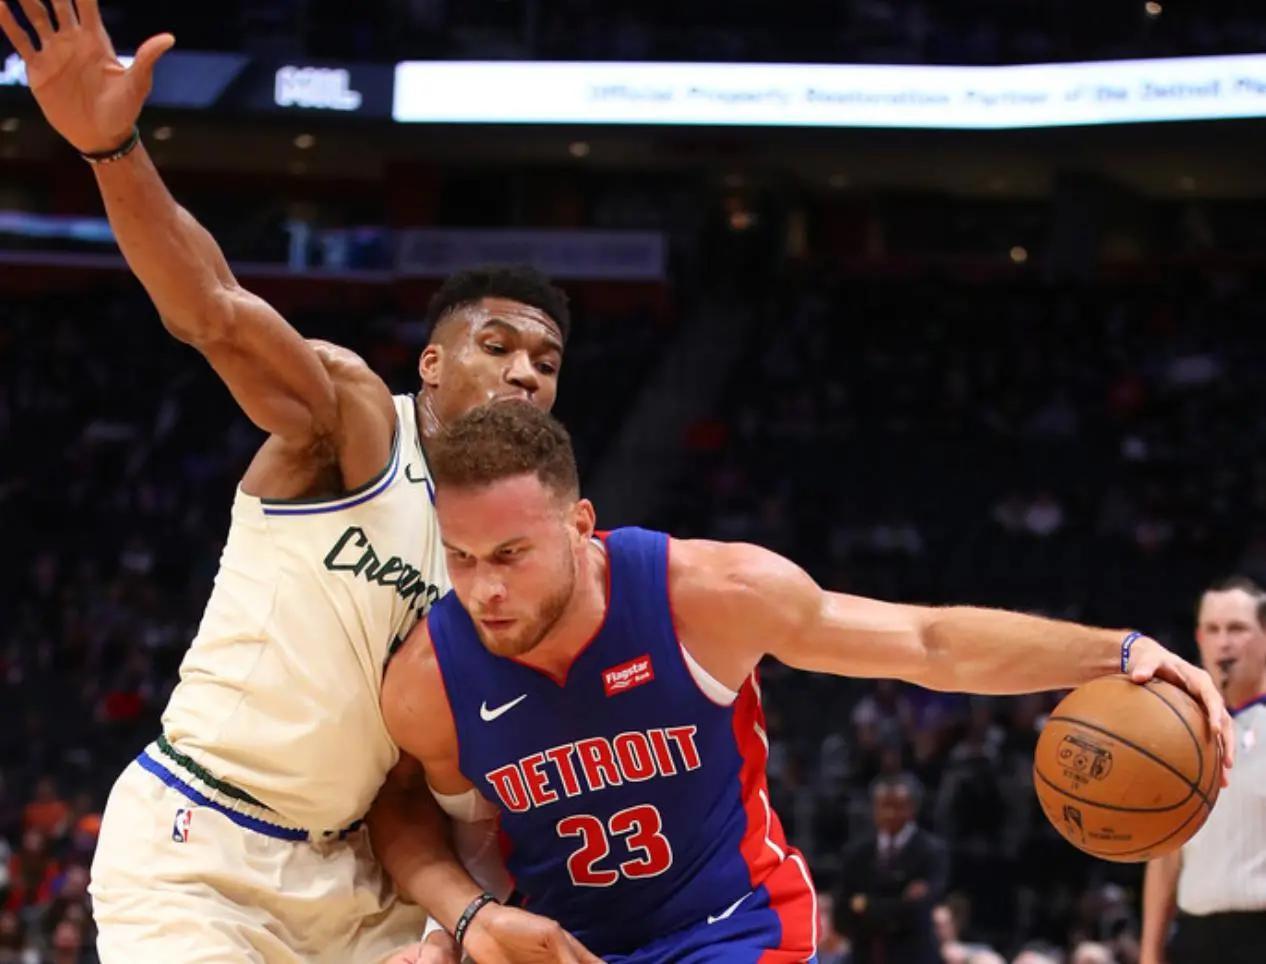 格里芬怒撕球衣,球迷:NBA没有感情